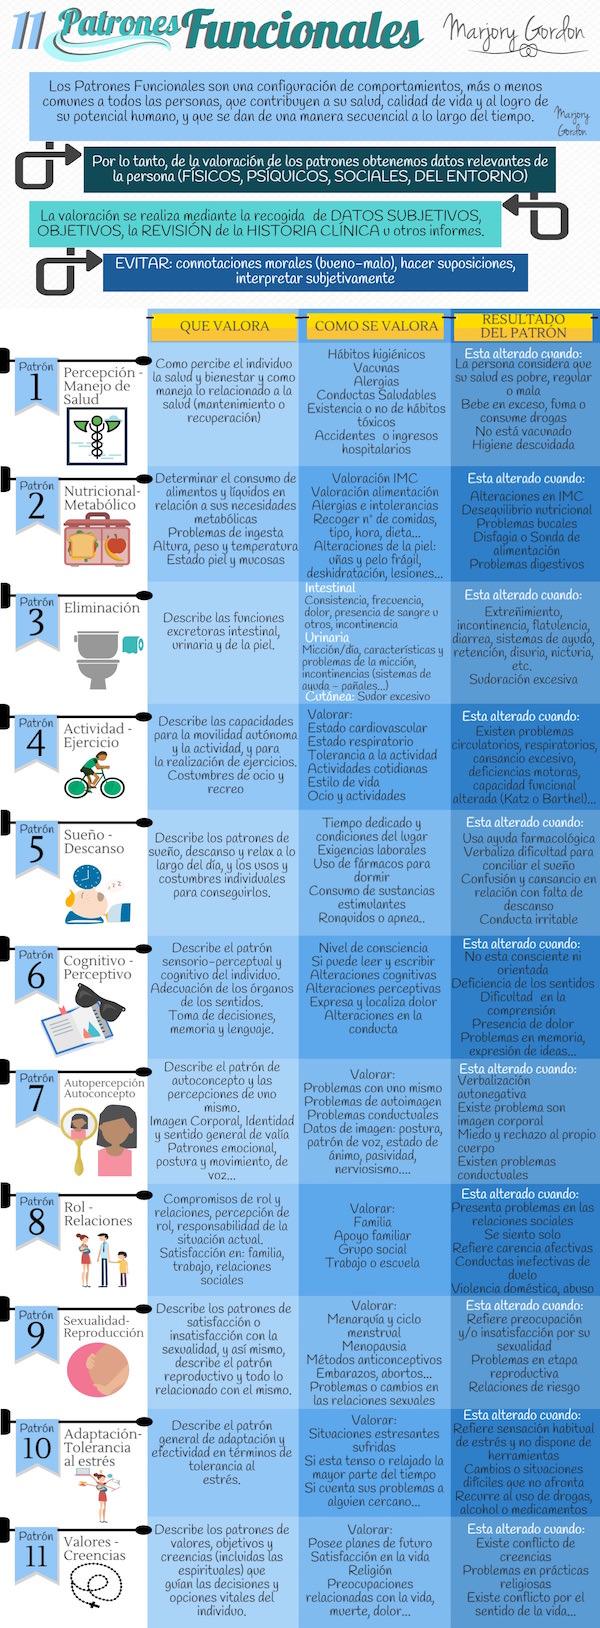 Infografia patrones funcionales de Marjory Gordon